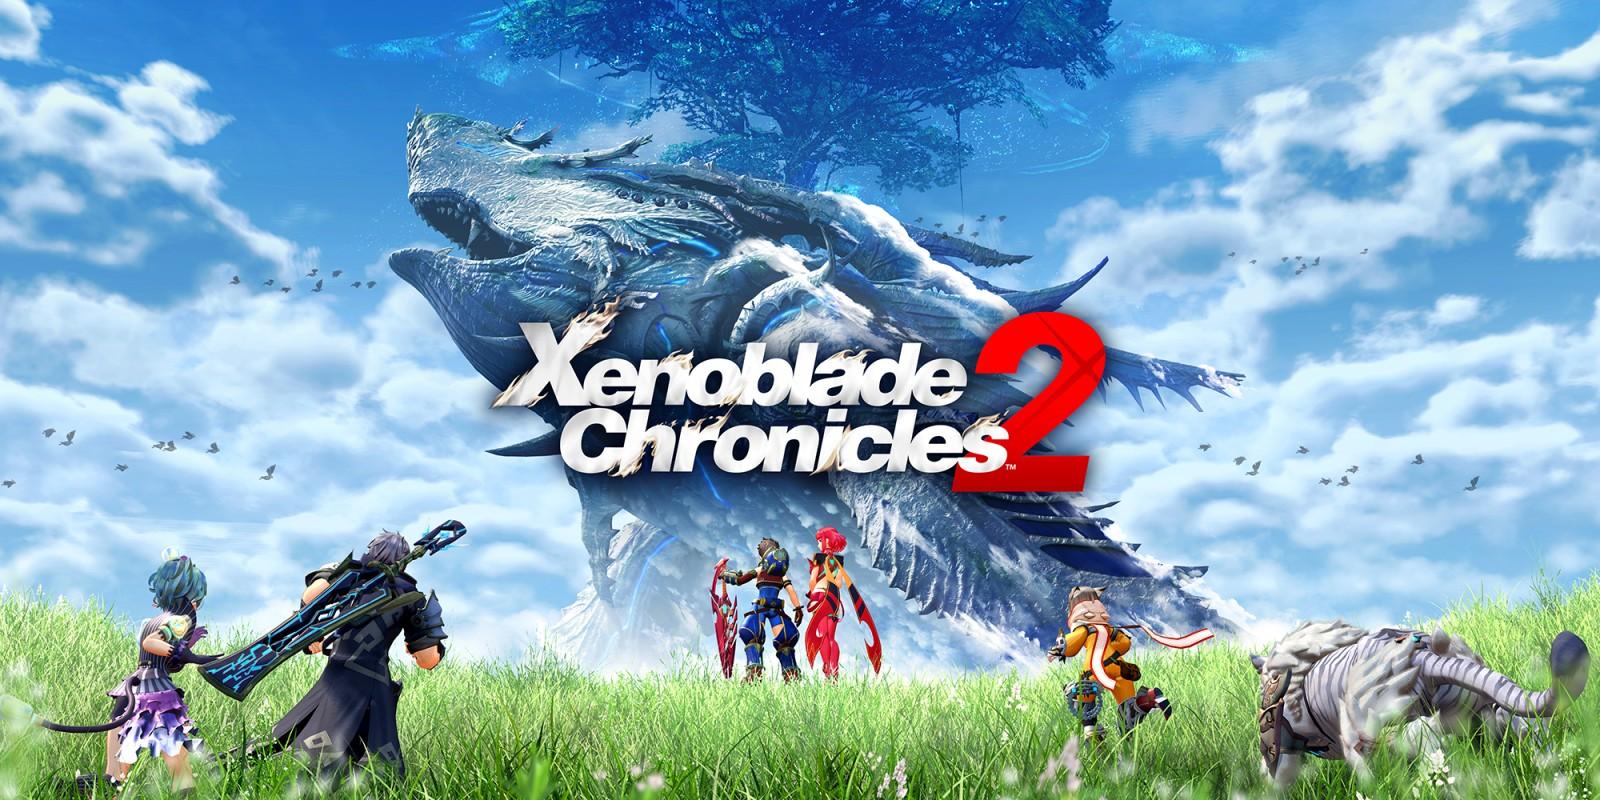 《异度神剑2》销量破两百万 《FE 风花雪月》登顶系列